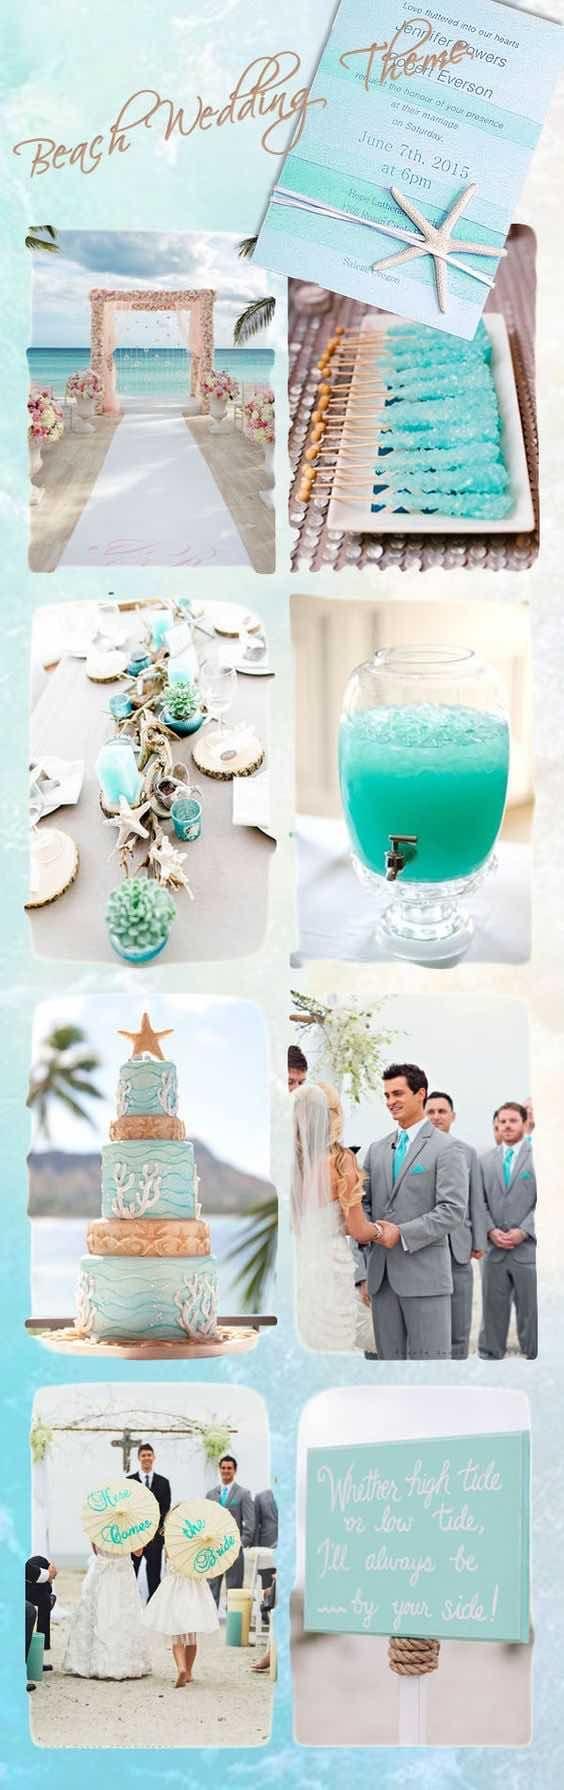 Inspiración para organizar bodas en la playa en color seafoam.